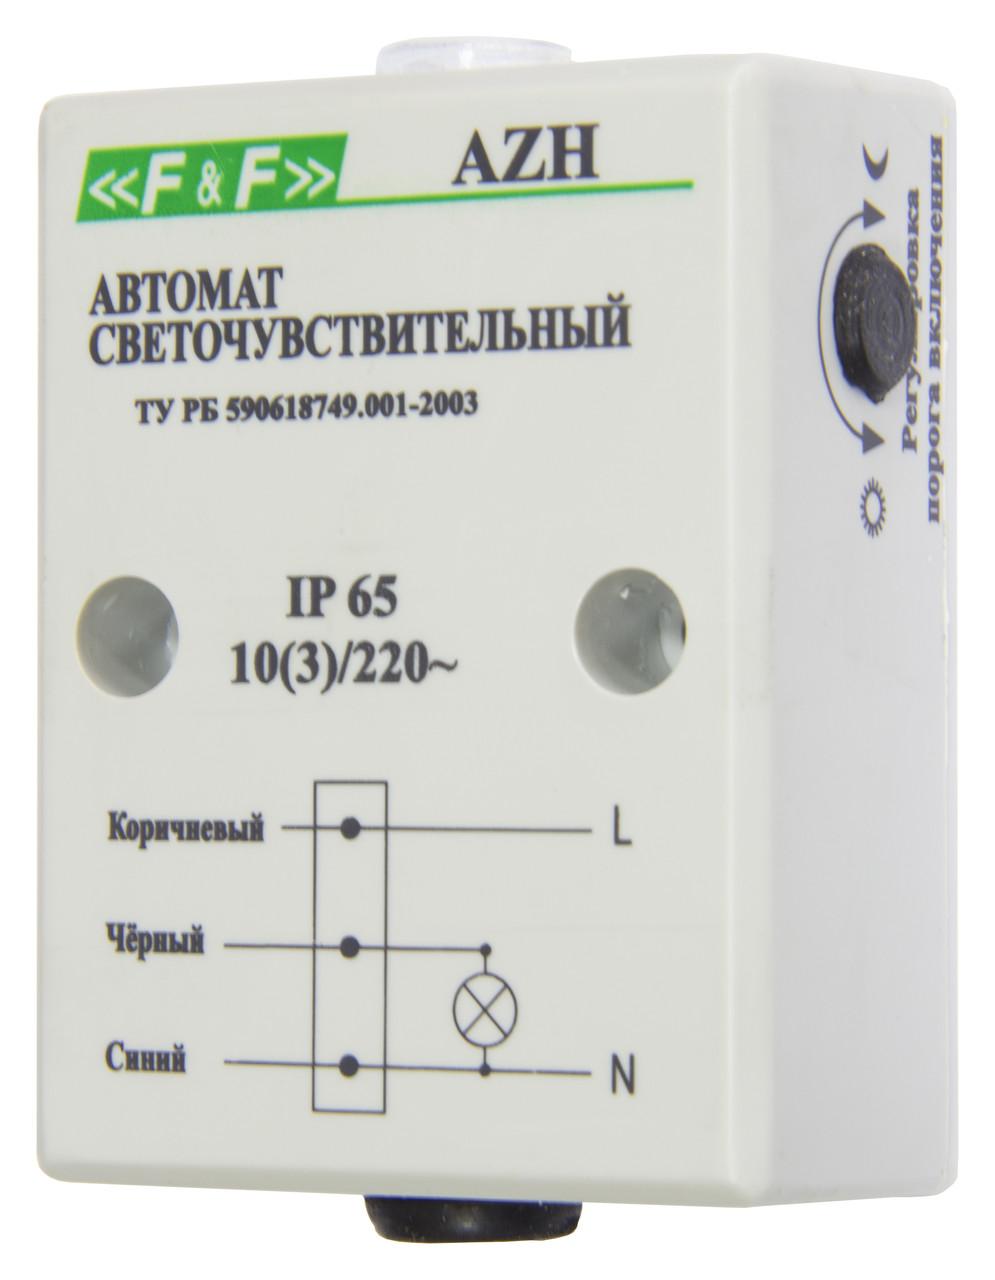 AZH-S Фотореле (автоматы светочувствительные), Встроенный фотодатчик. Максимальный ток нагрузки - 10 А.